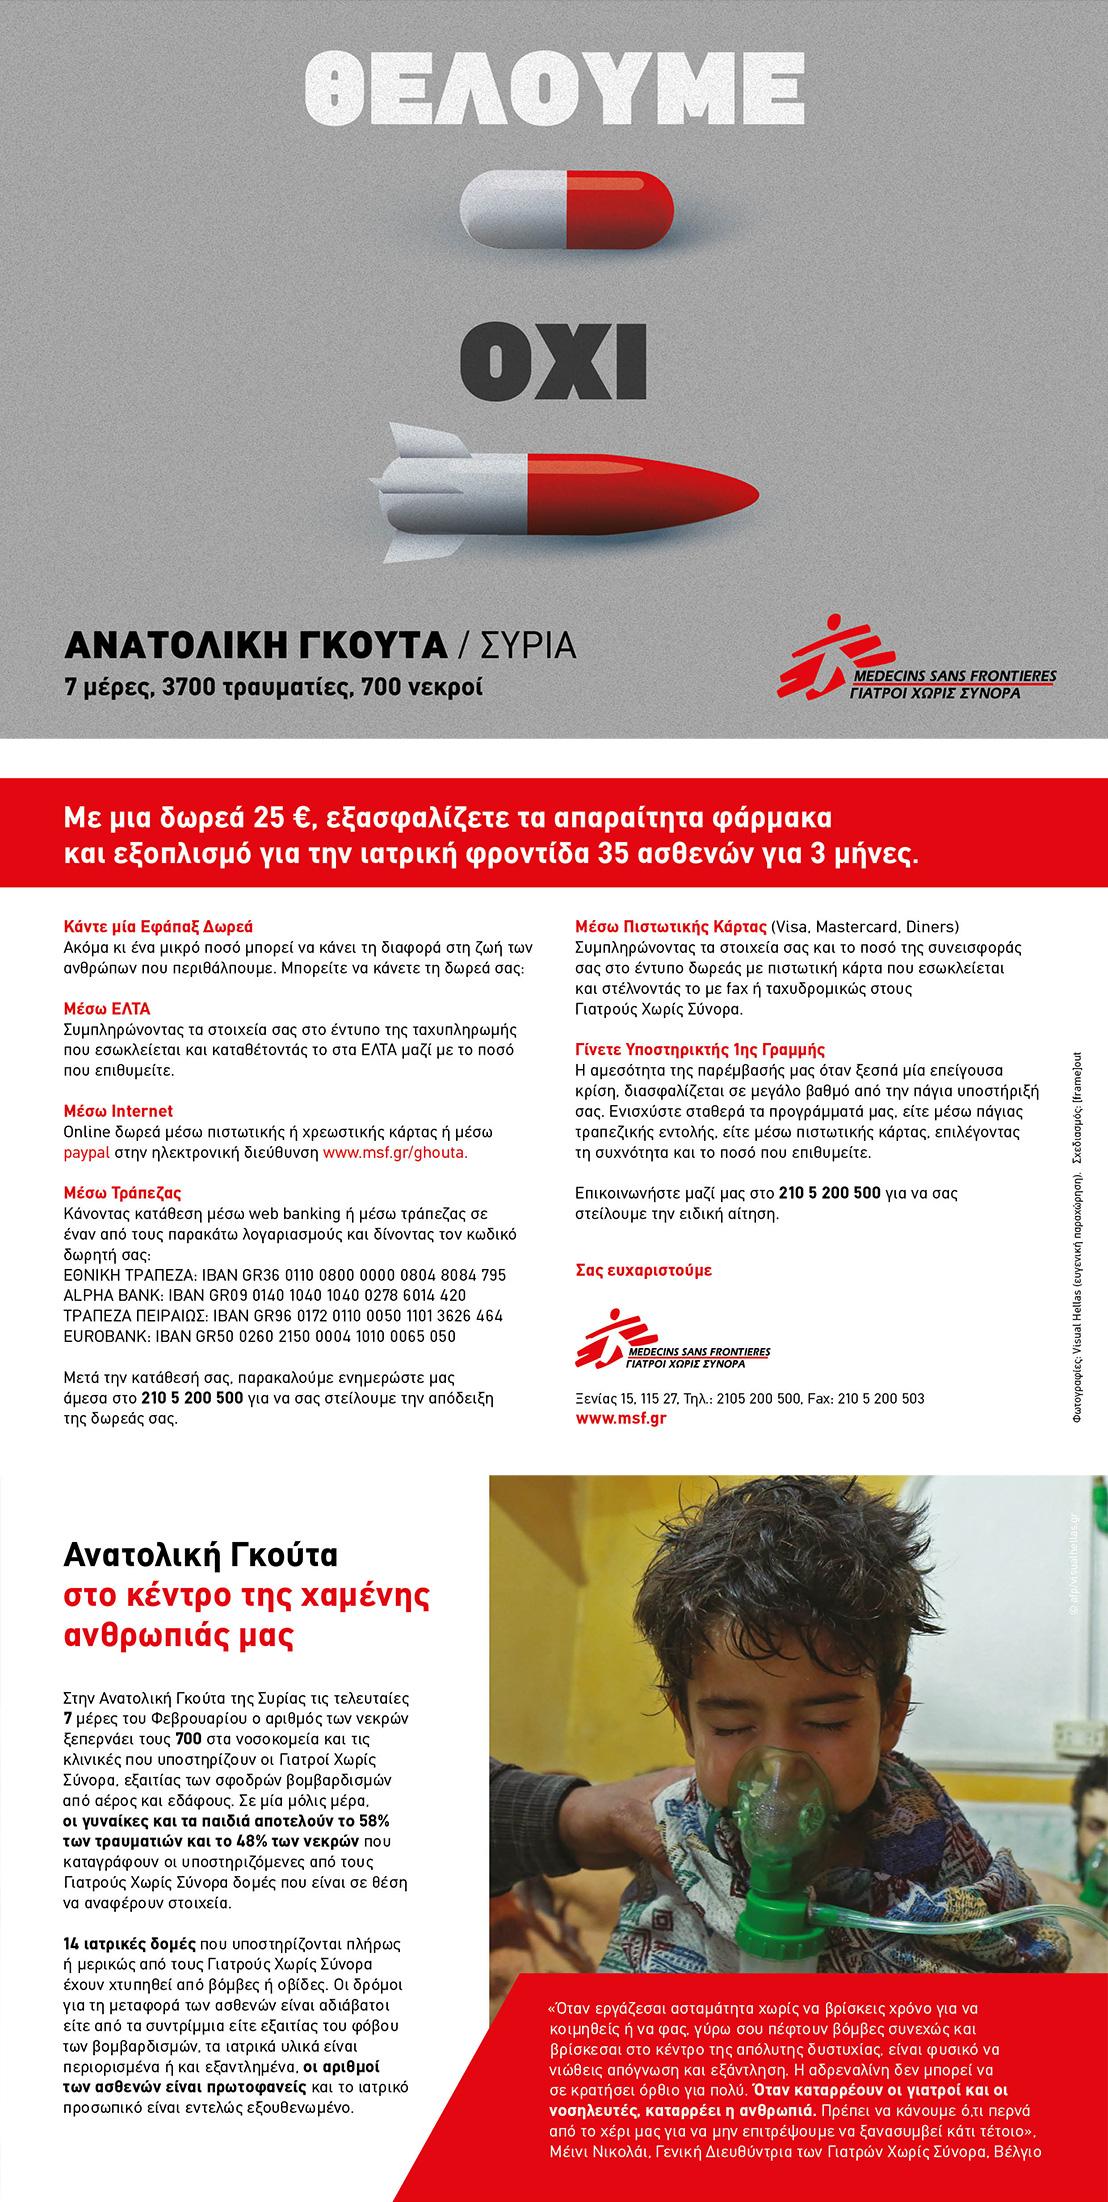 Médecins Sans Frontières - project image 4